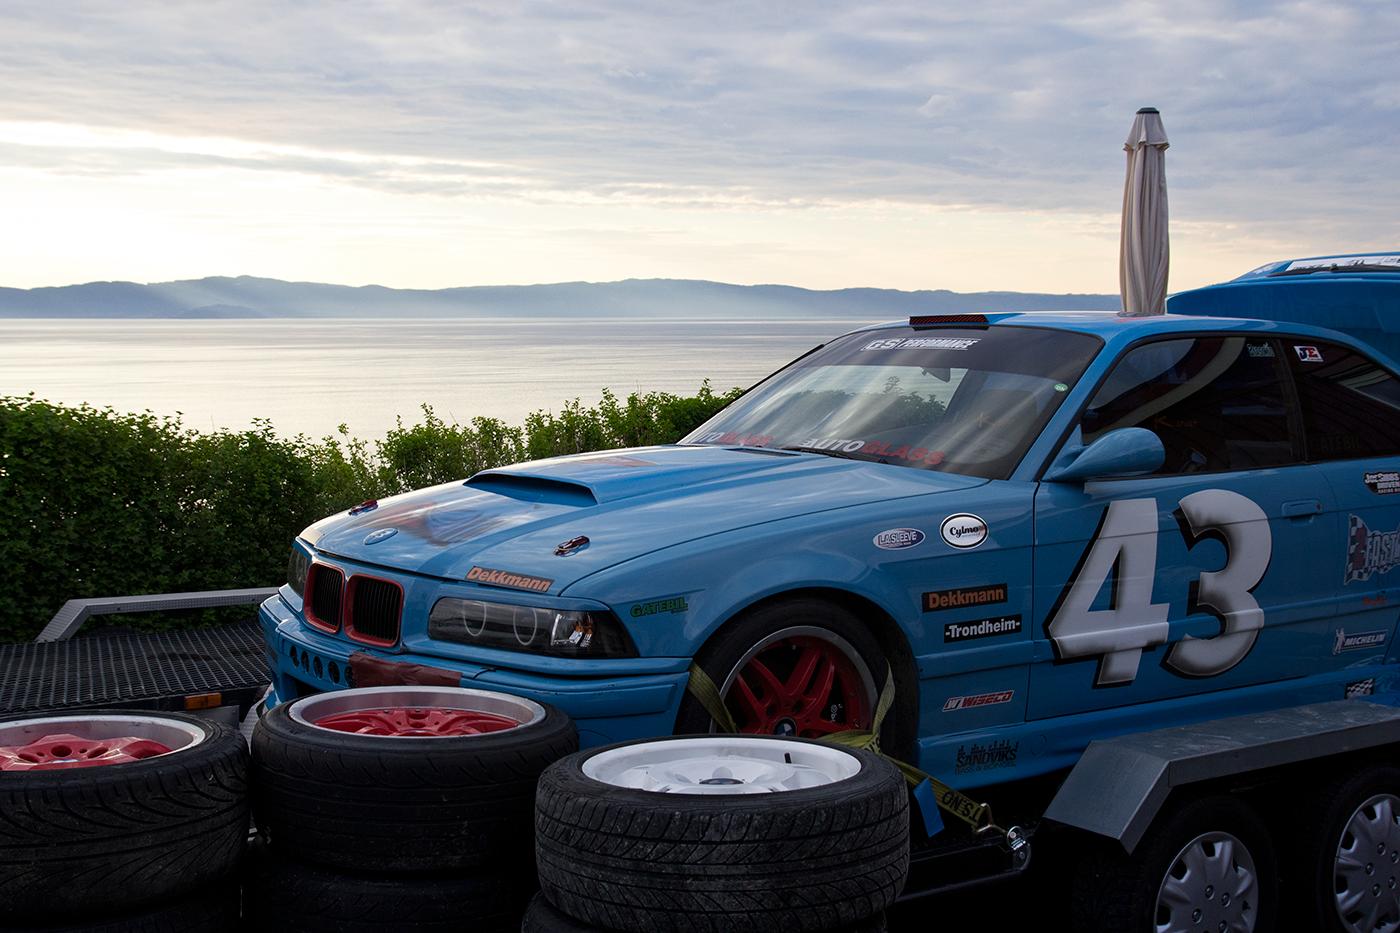 BMW Driftingcar